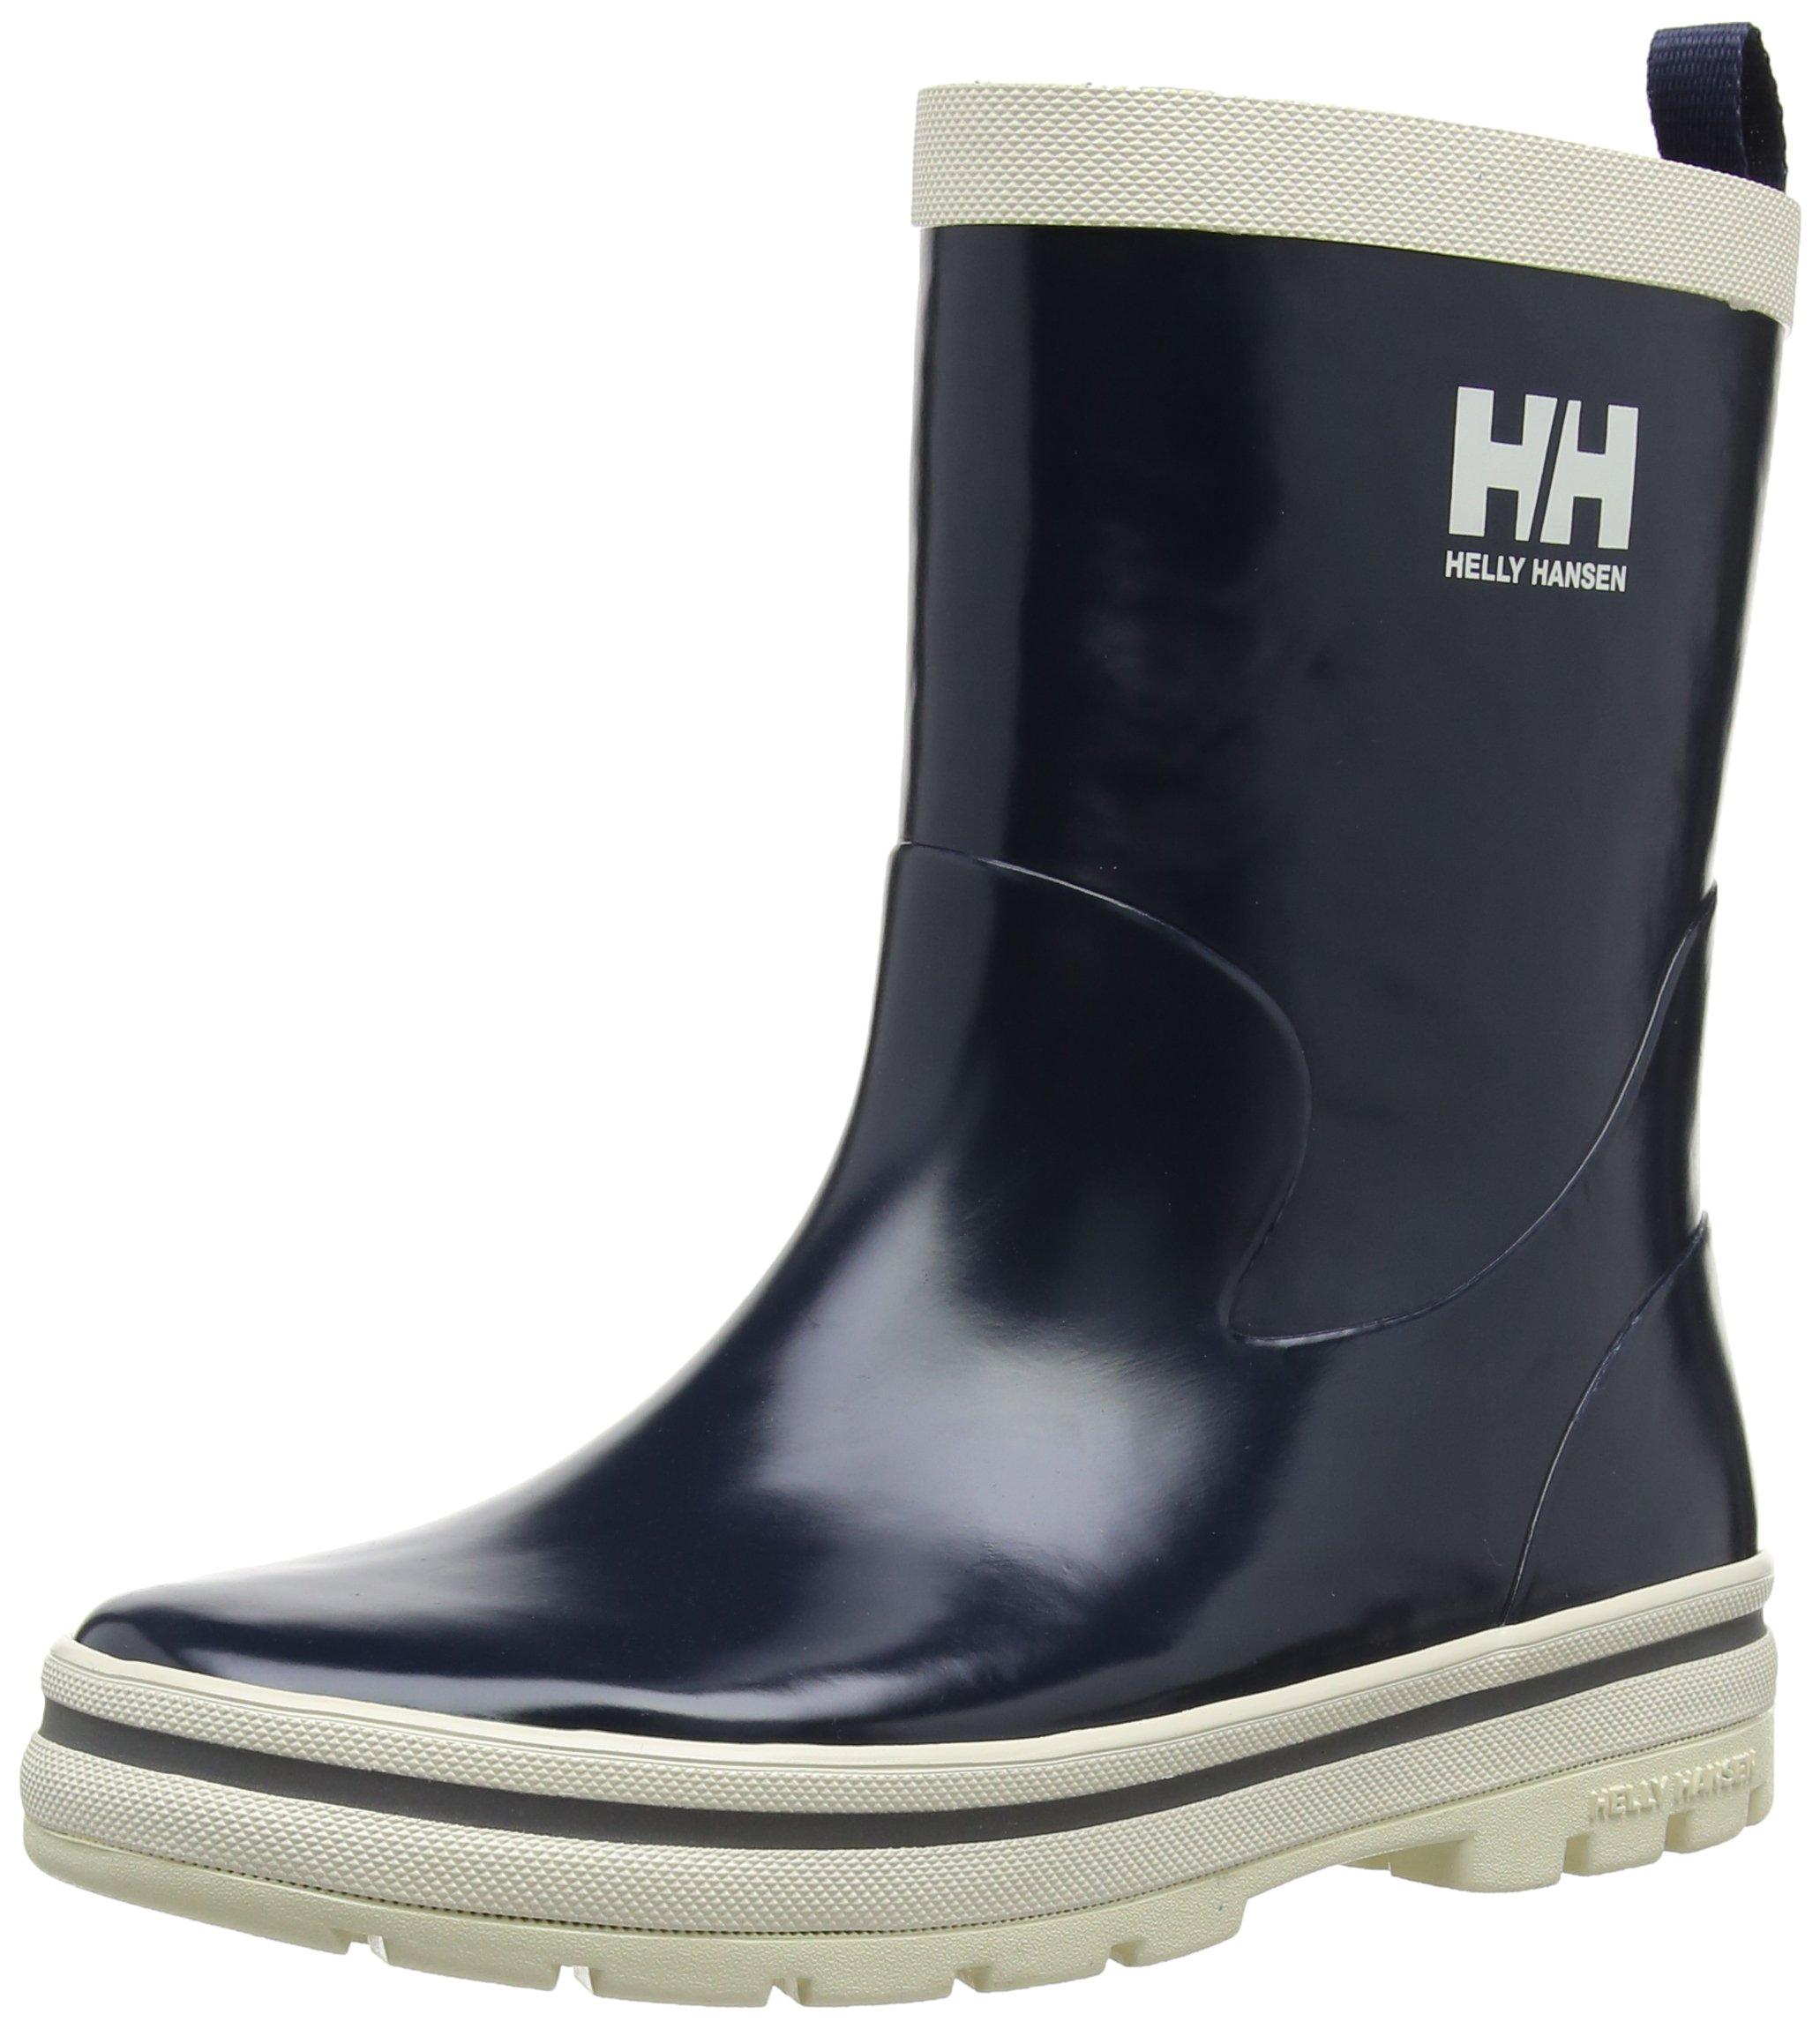 Helly Hansen JK Midsund Rain Boot (Toddler/Little Kid/Big Kid), Navy/Off White/Silver, 13 M US Little Kid